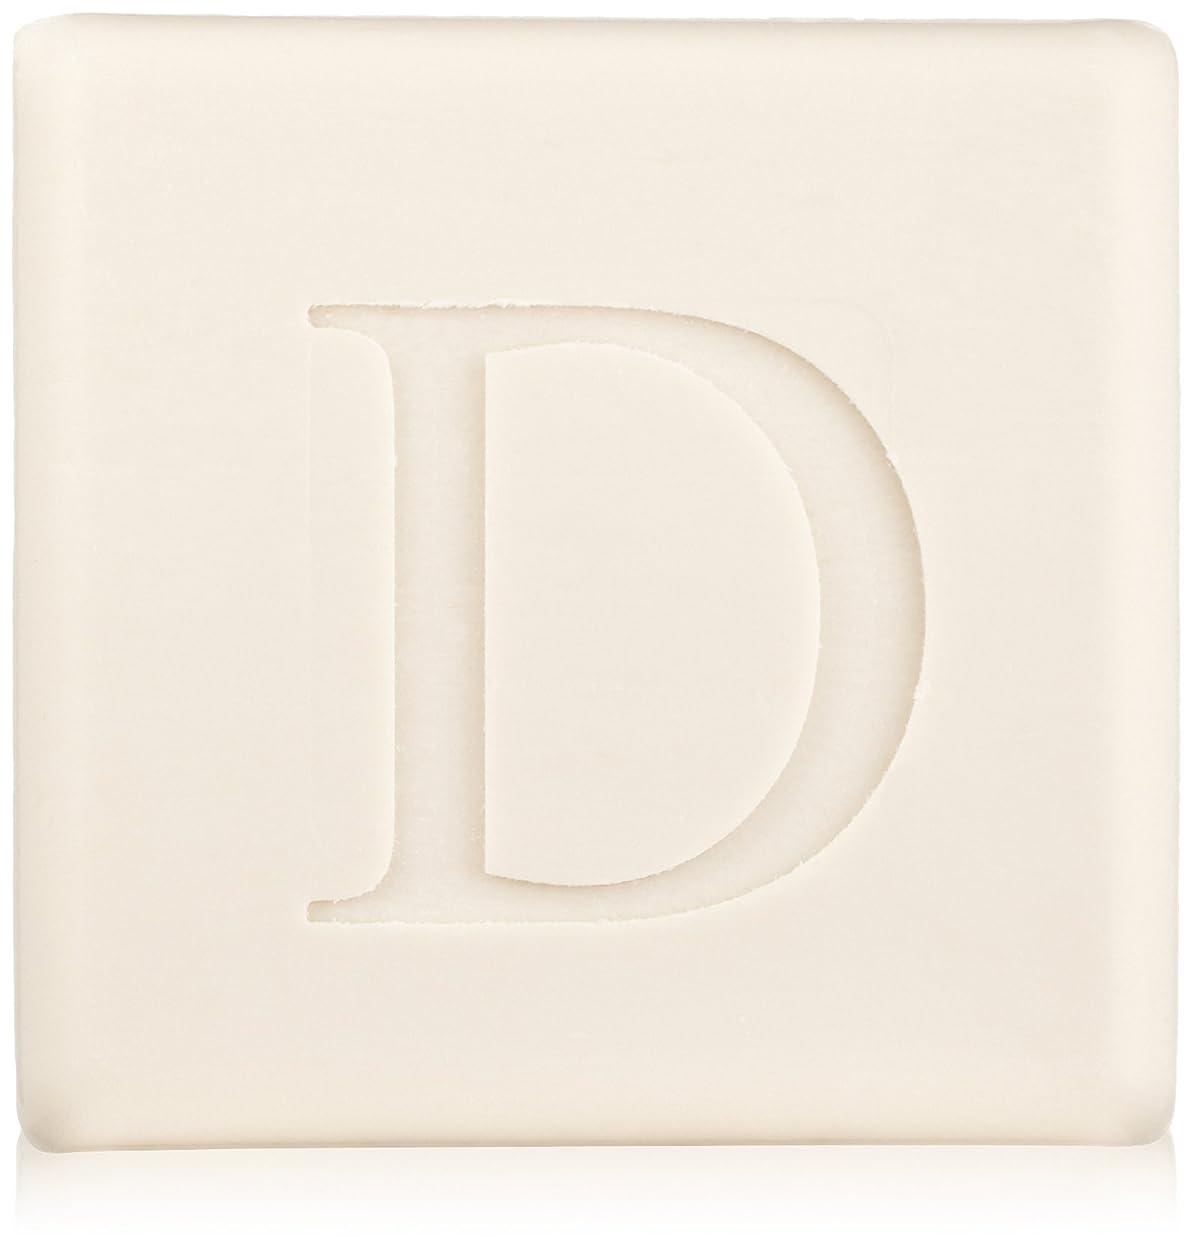 侵入するショット抜粋Gianna Rose Monogram Soap Bar, Letter D, 5.0 oz. by Gianna Rose